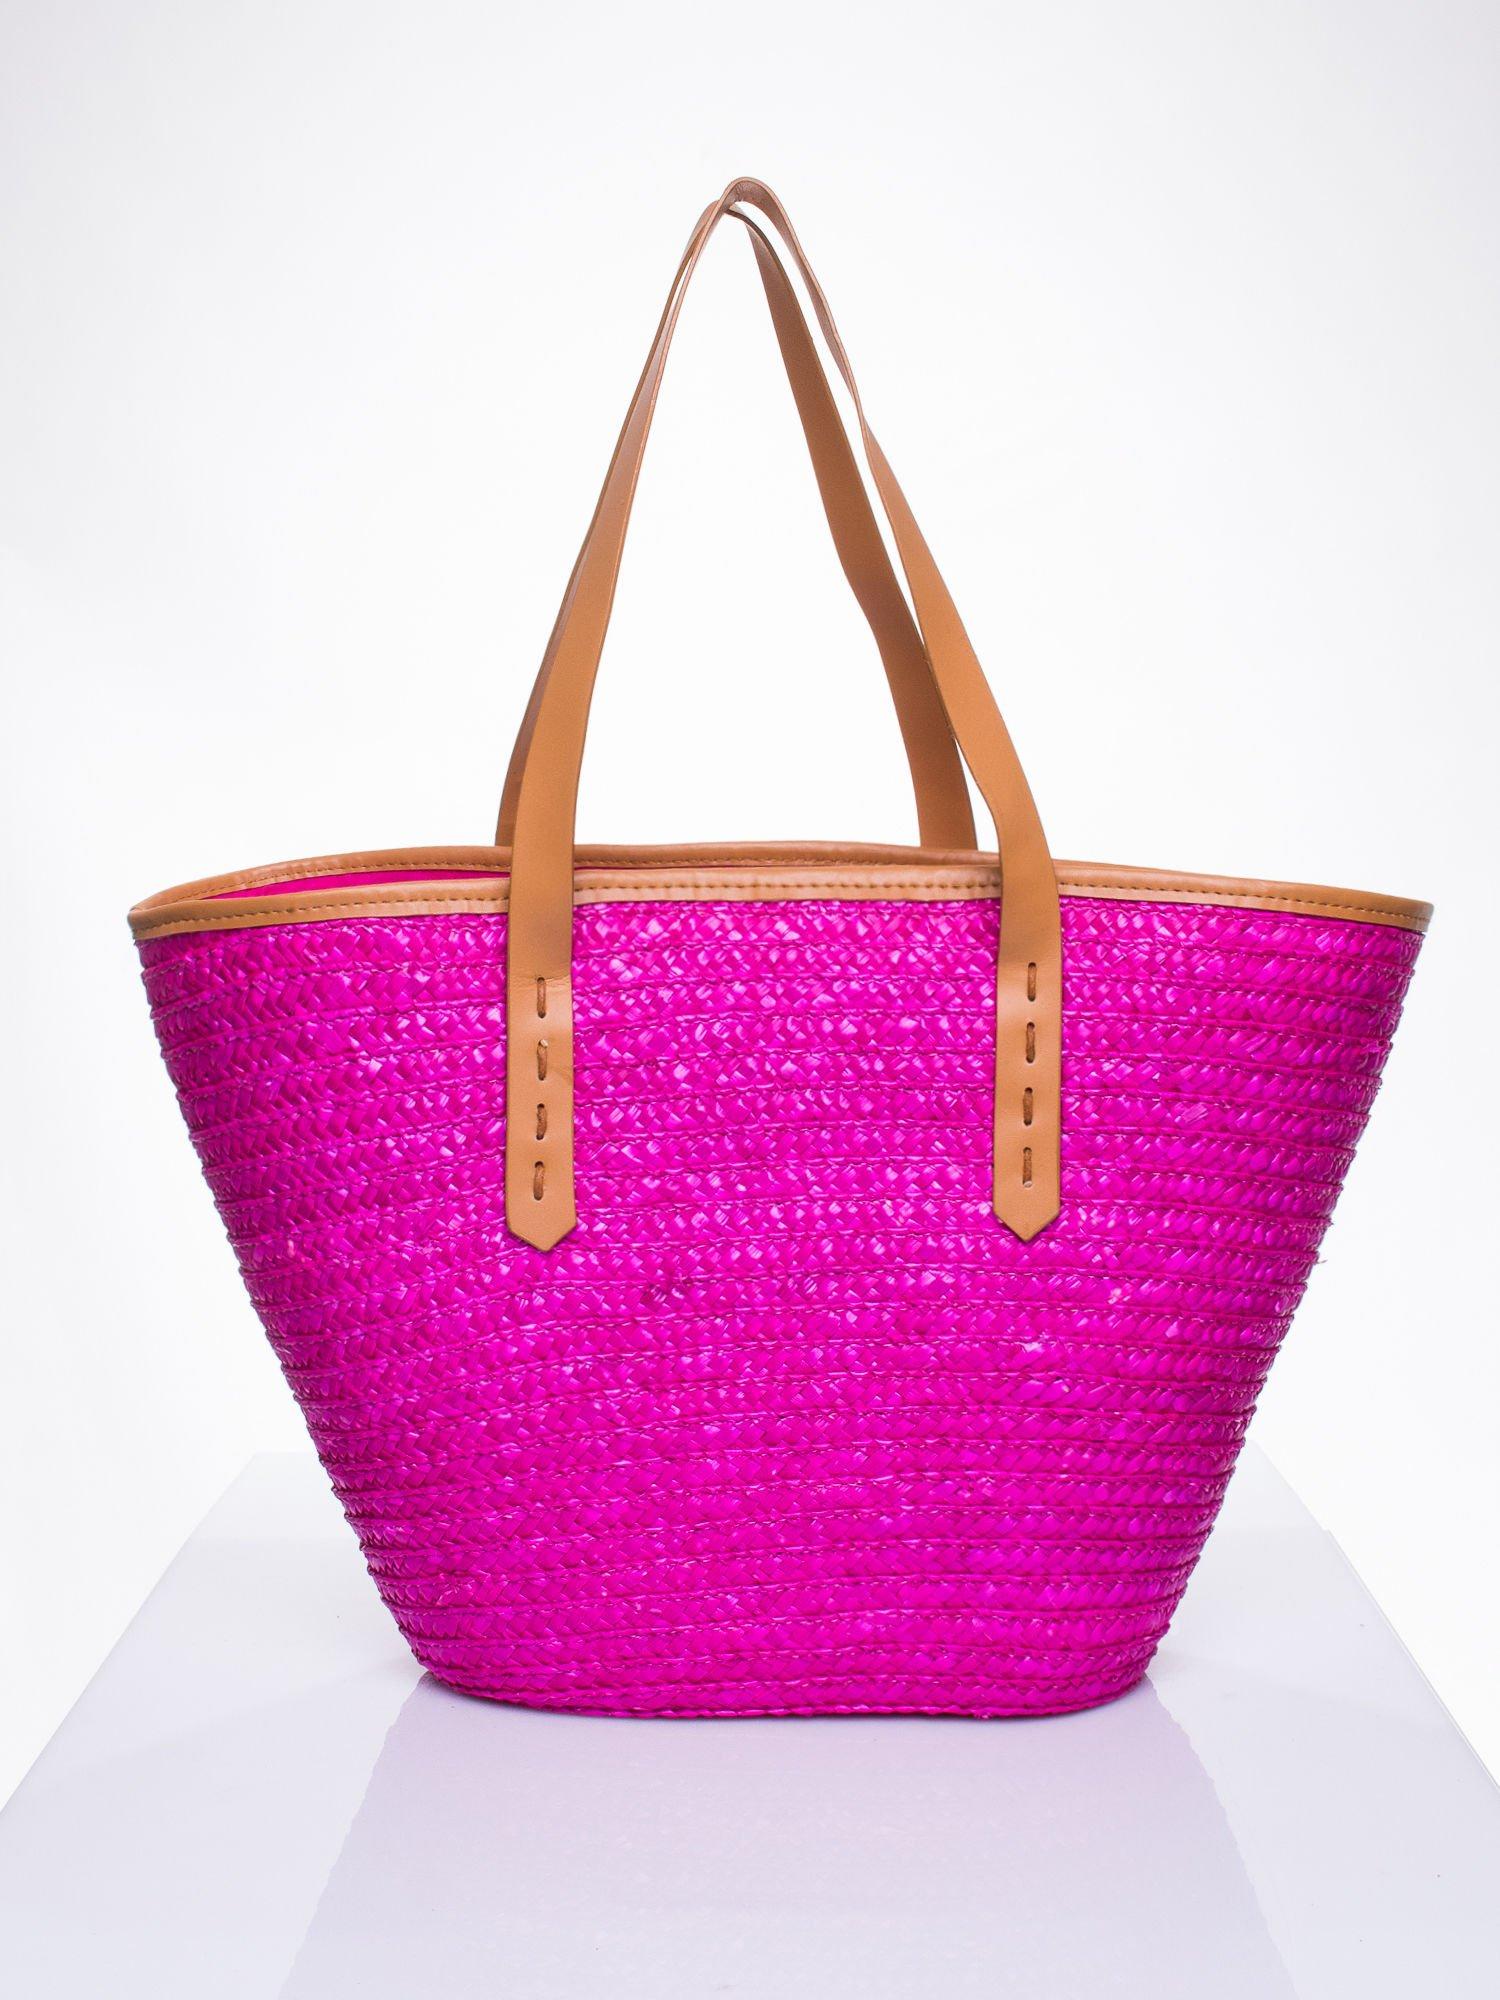 Różowa torba koszyk plażowy ze skórzanymi rączkami                                  zdj.                                  3